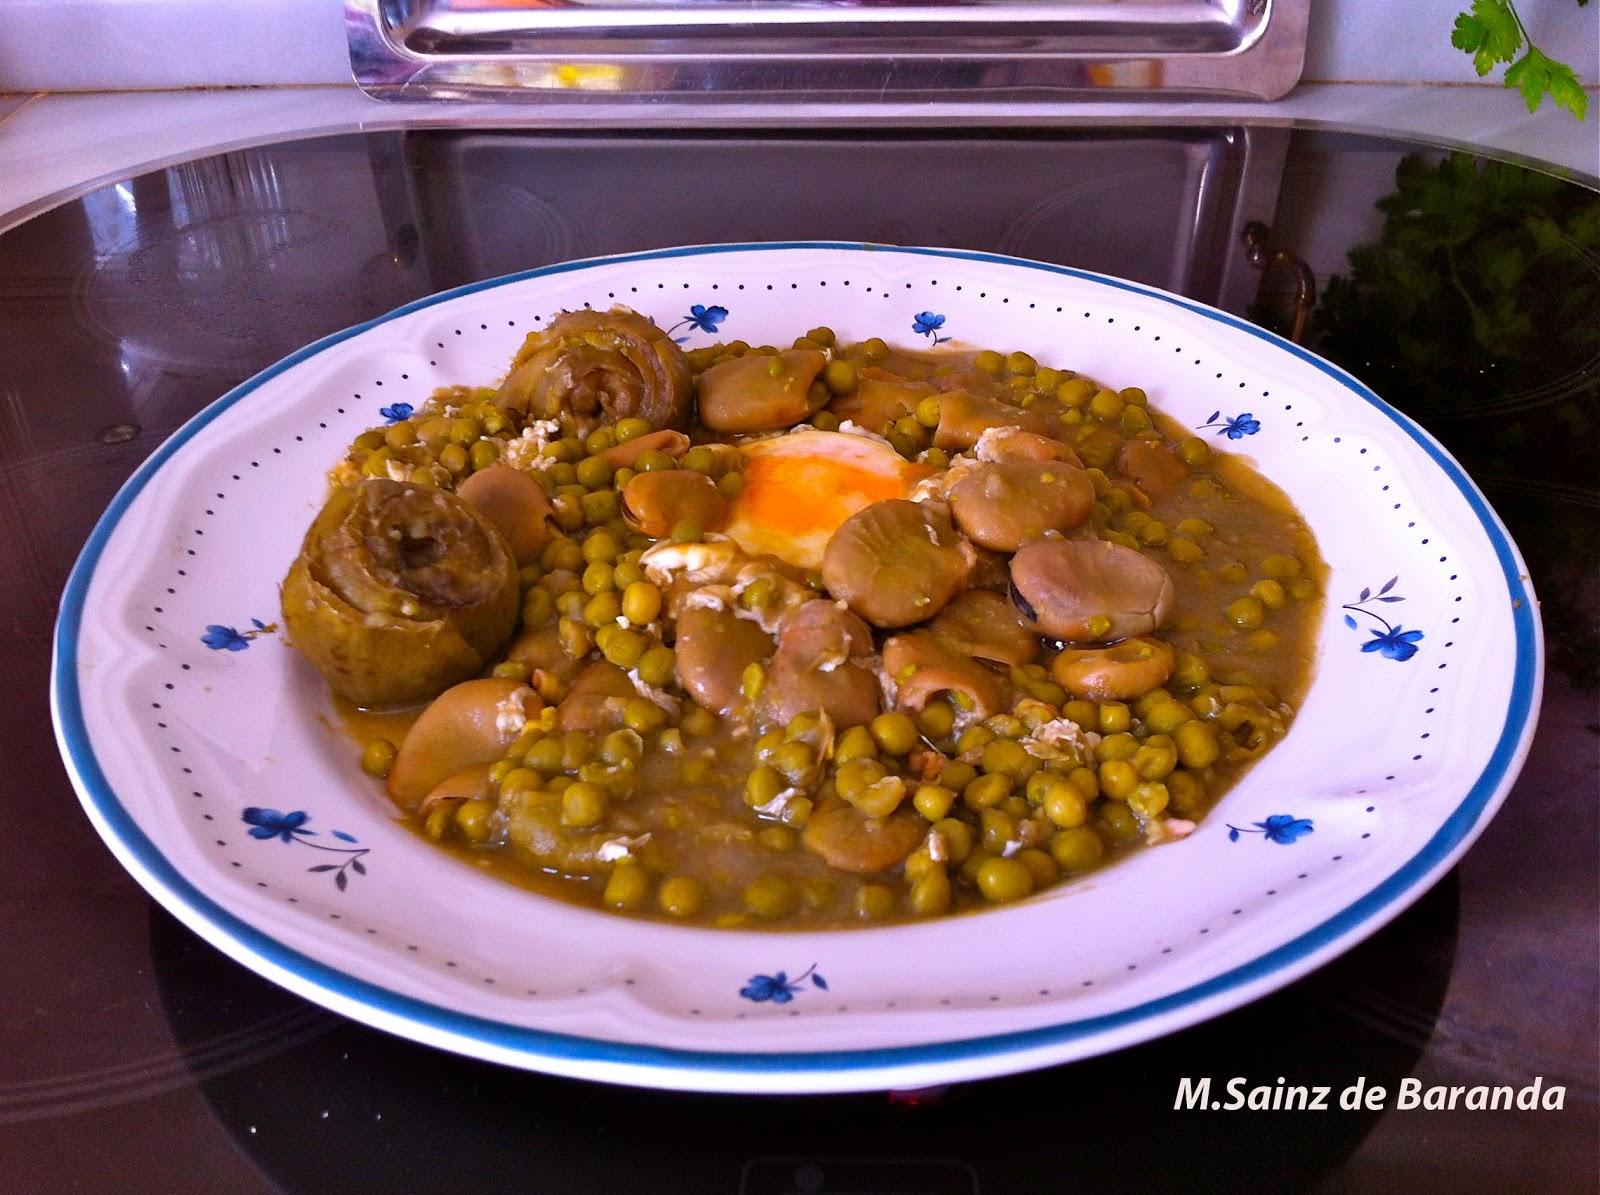 La cocina en el sur habas con alcachofas guisantes y huevo - Habas frescas con jamon ...